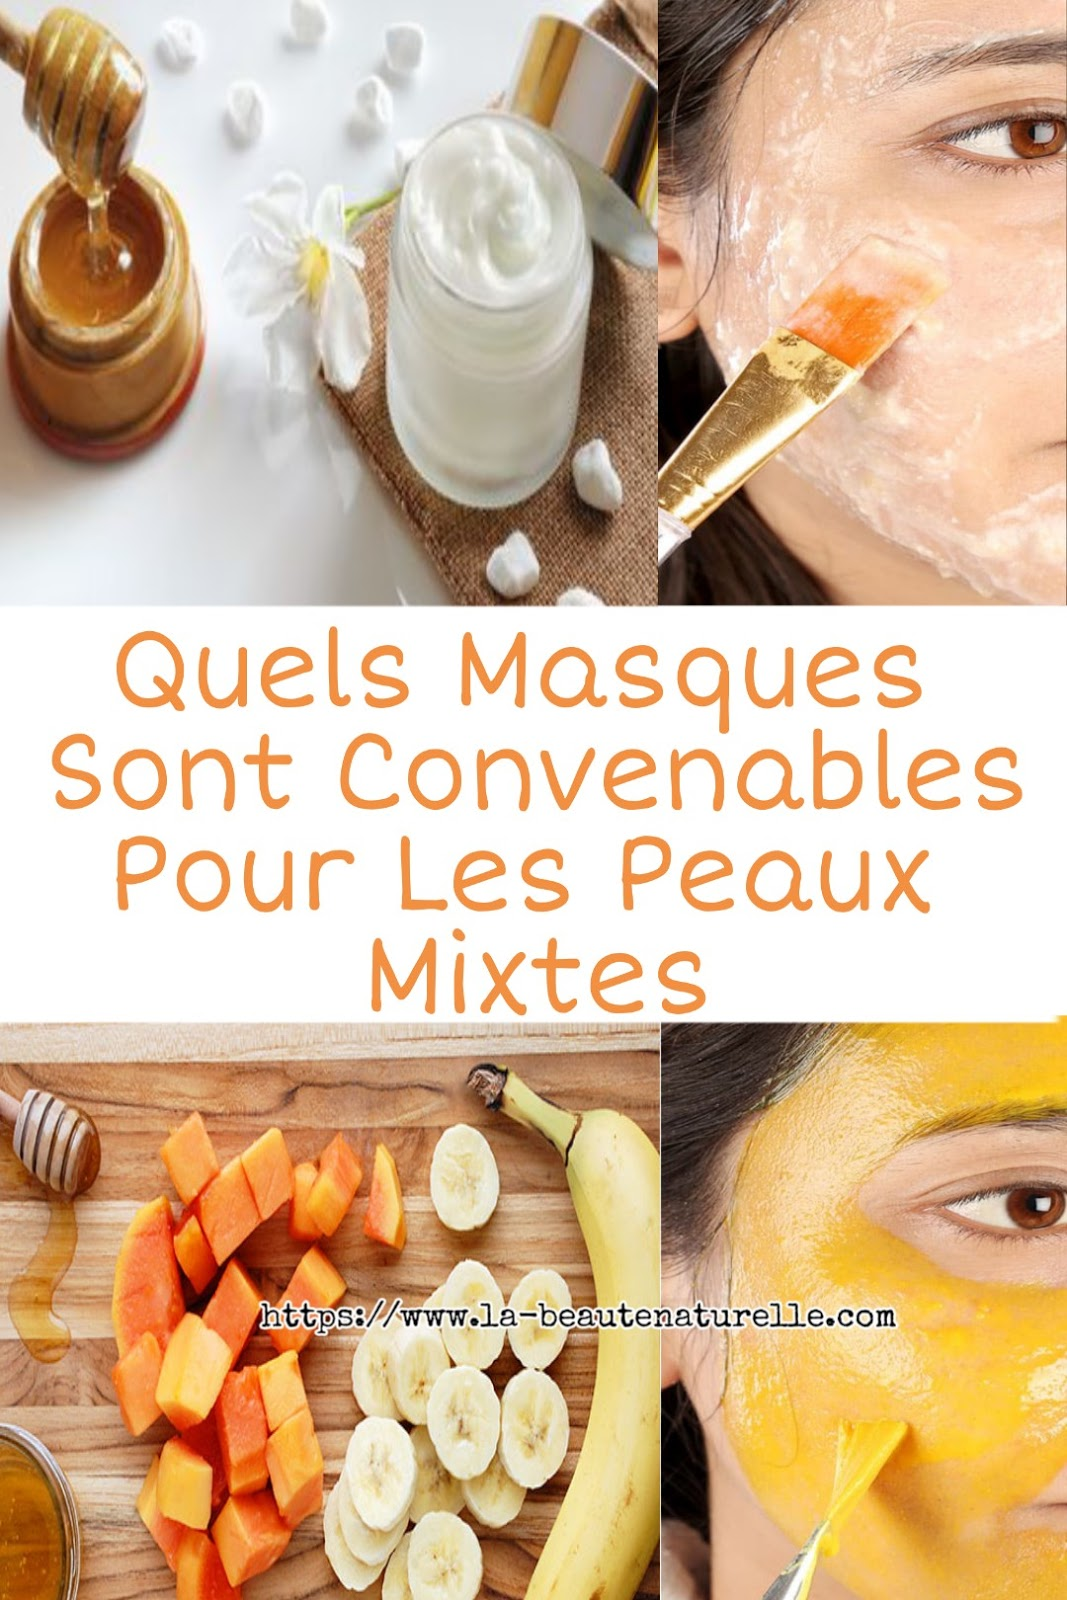 Quels Masques Sont Convenables Pour Les Peaux Mixtes